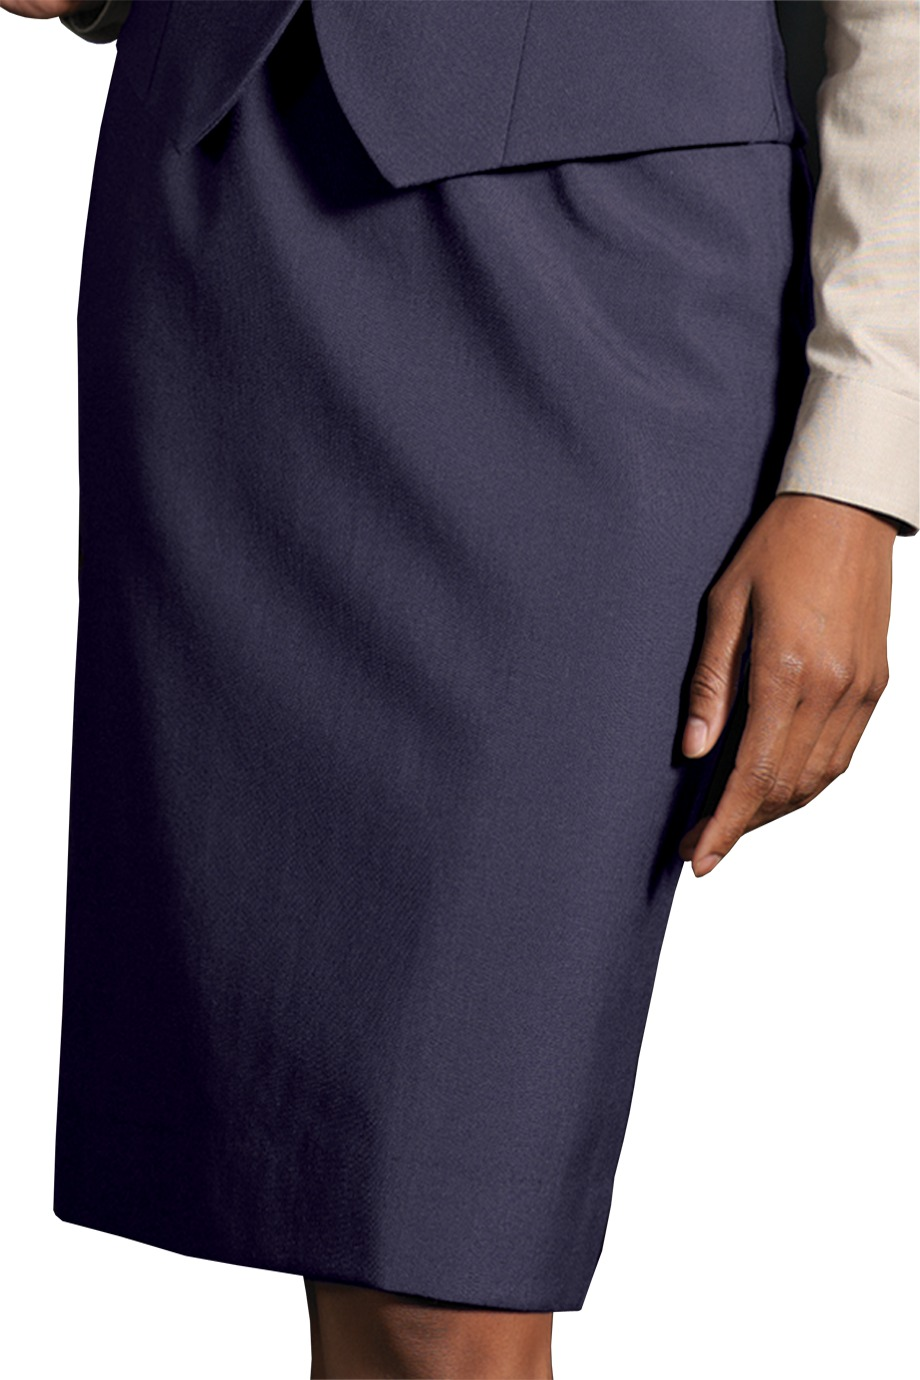 Edwards Garment 9789 - Women's Wool Blend Dress Skirt